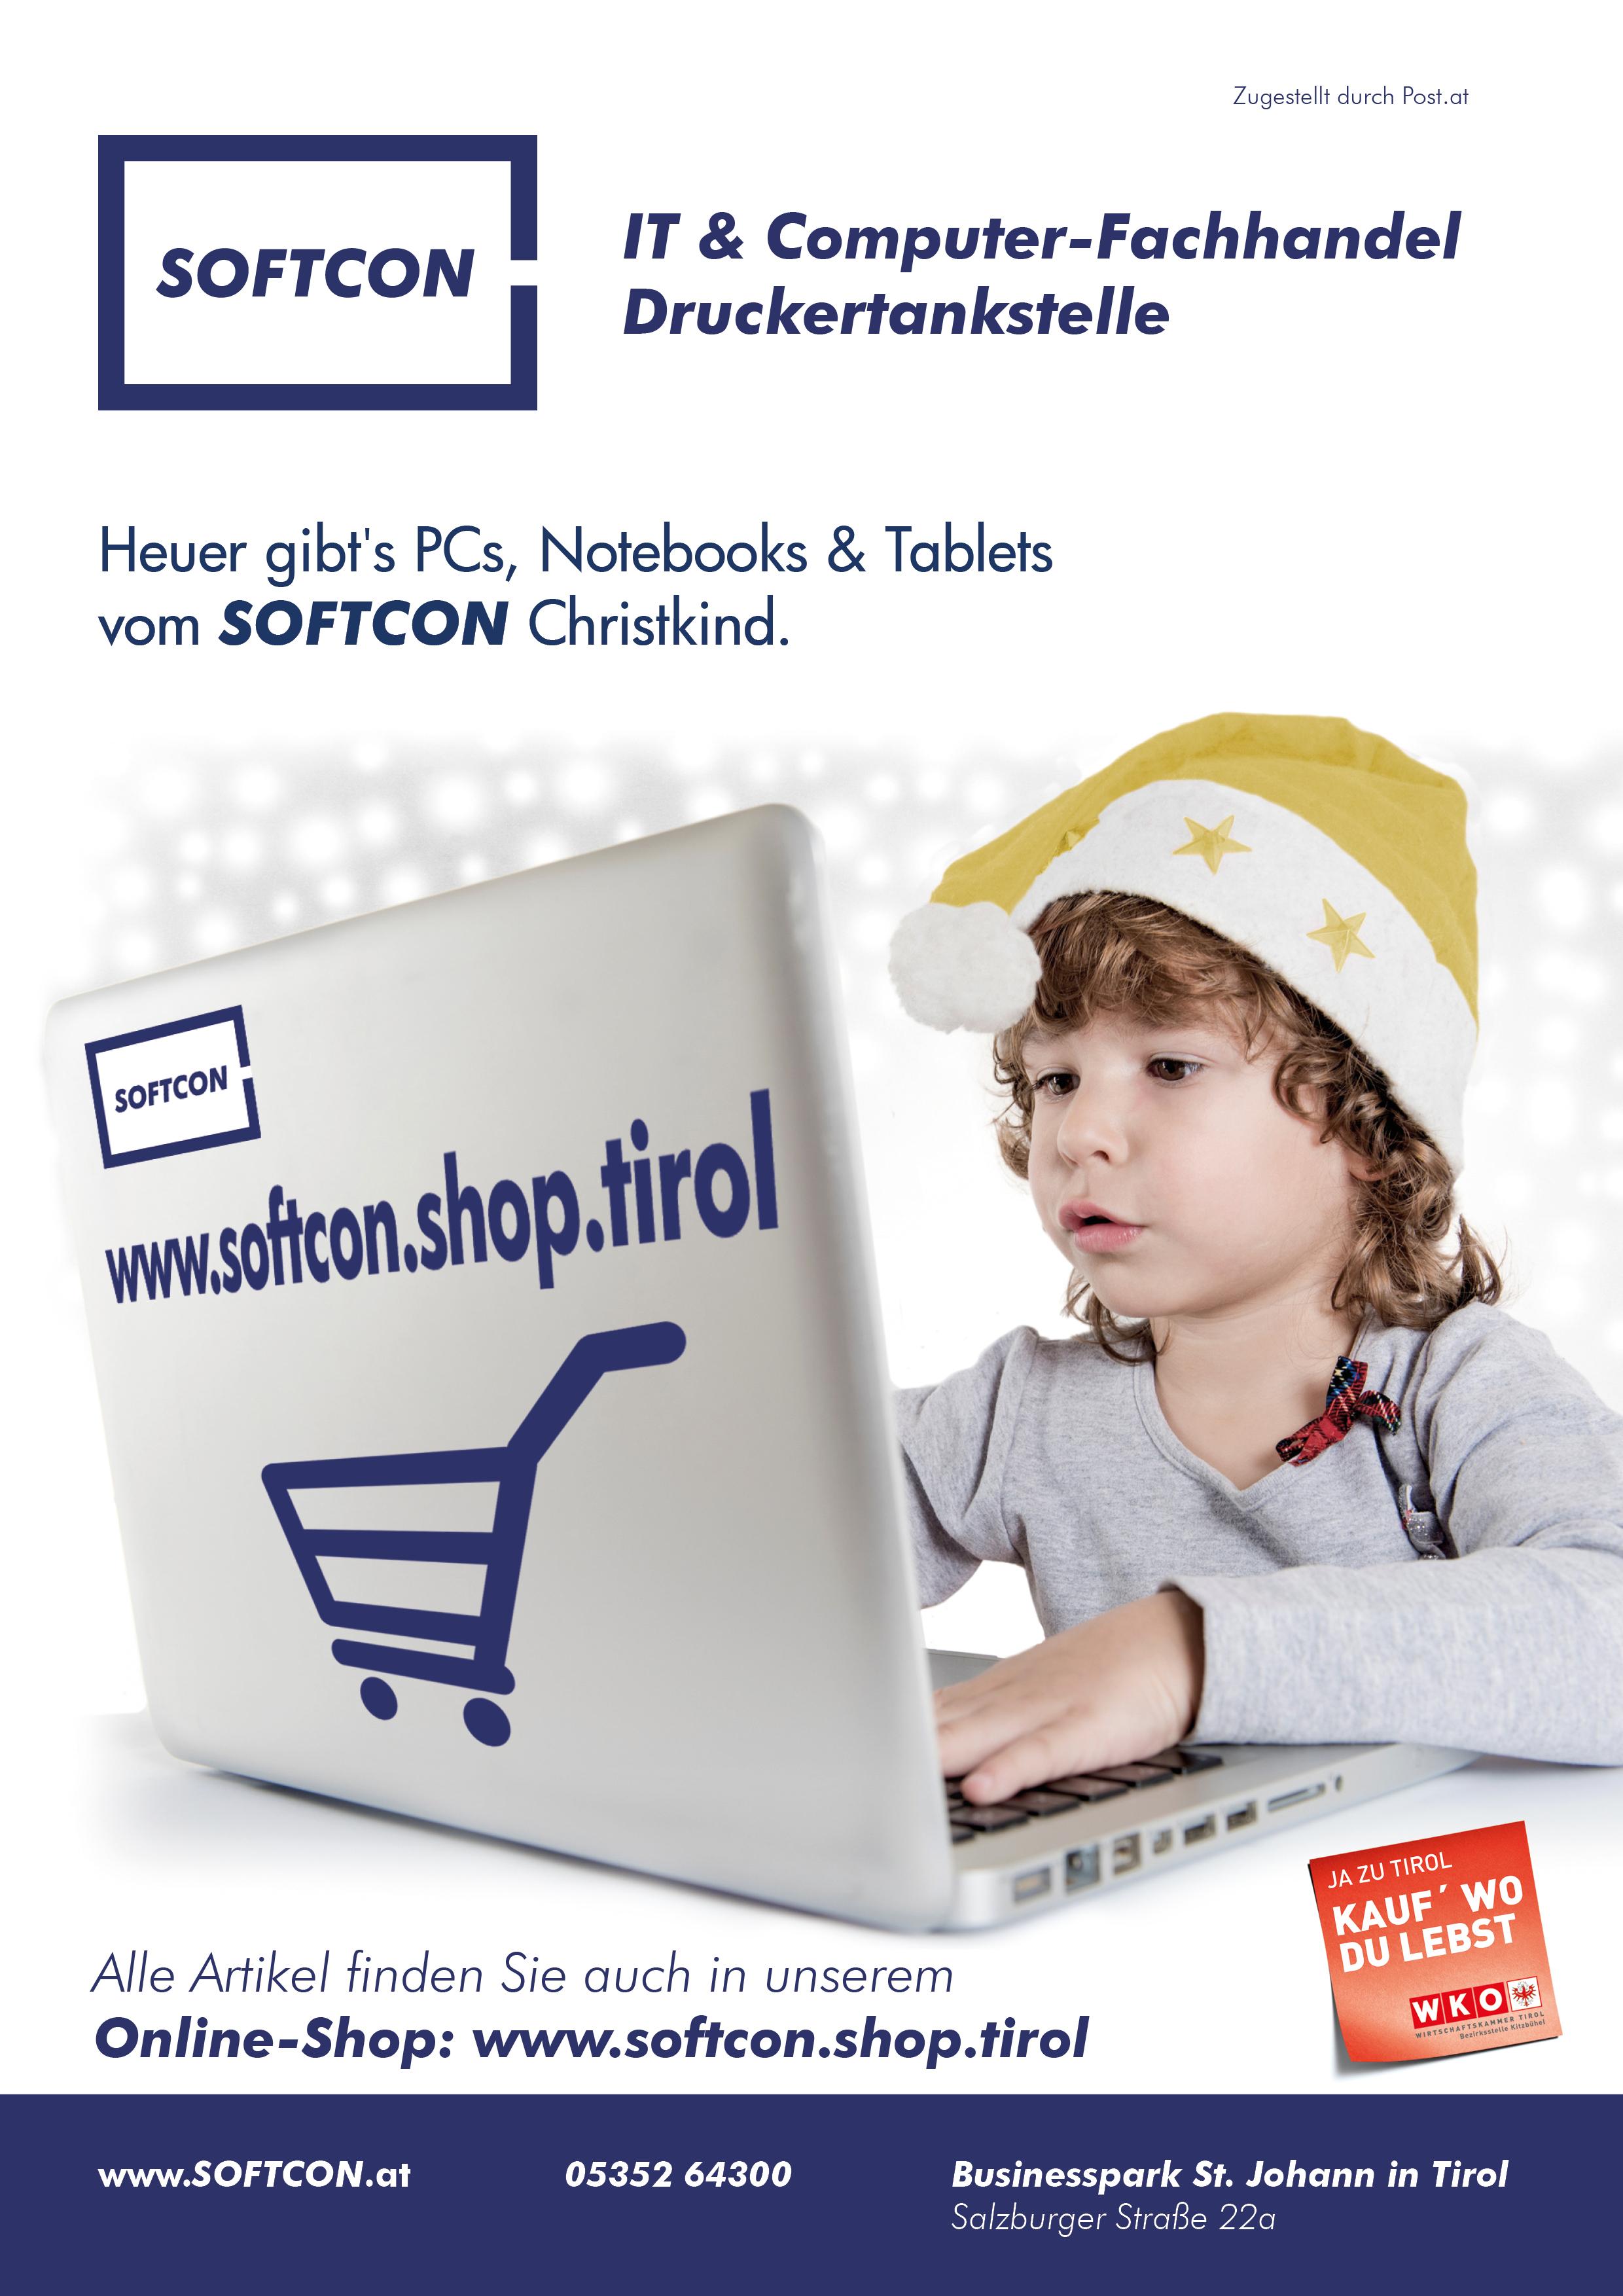 SOFTCON Weihnachtsangebote 2017